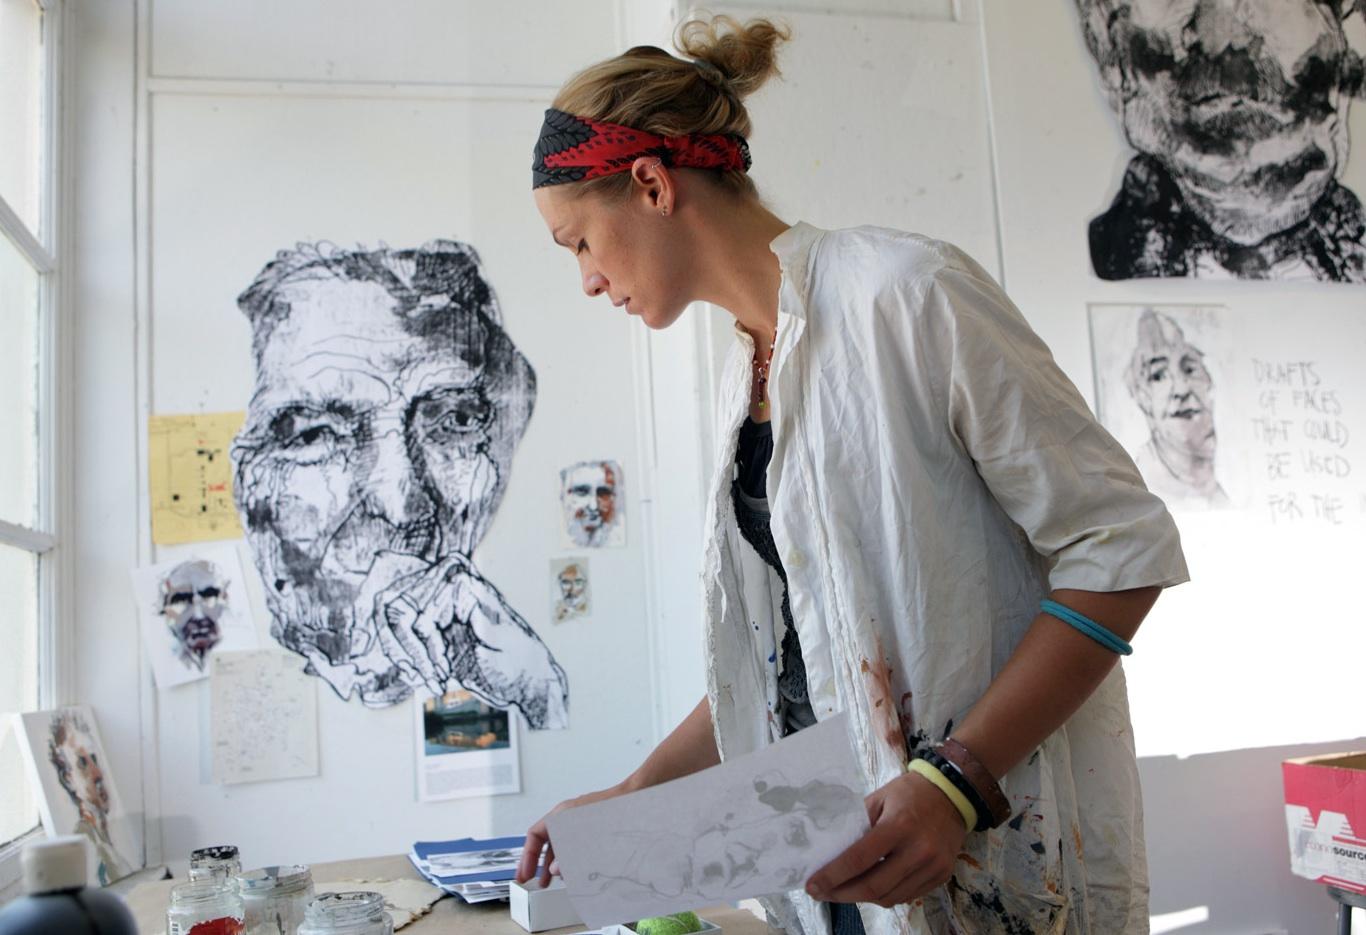 Artist and MacArthur Fellow Anna Schuleit (Photo by John Solem)